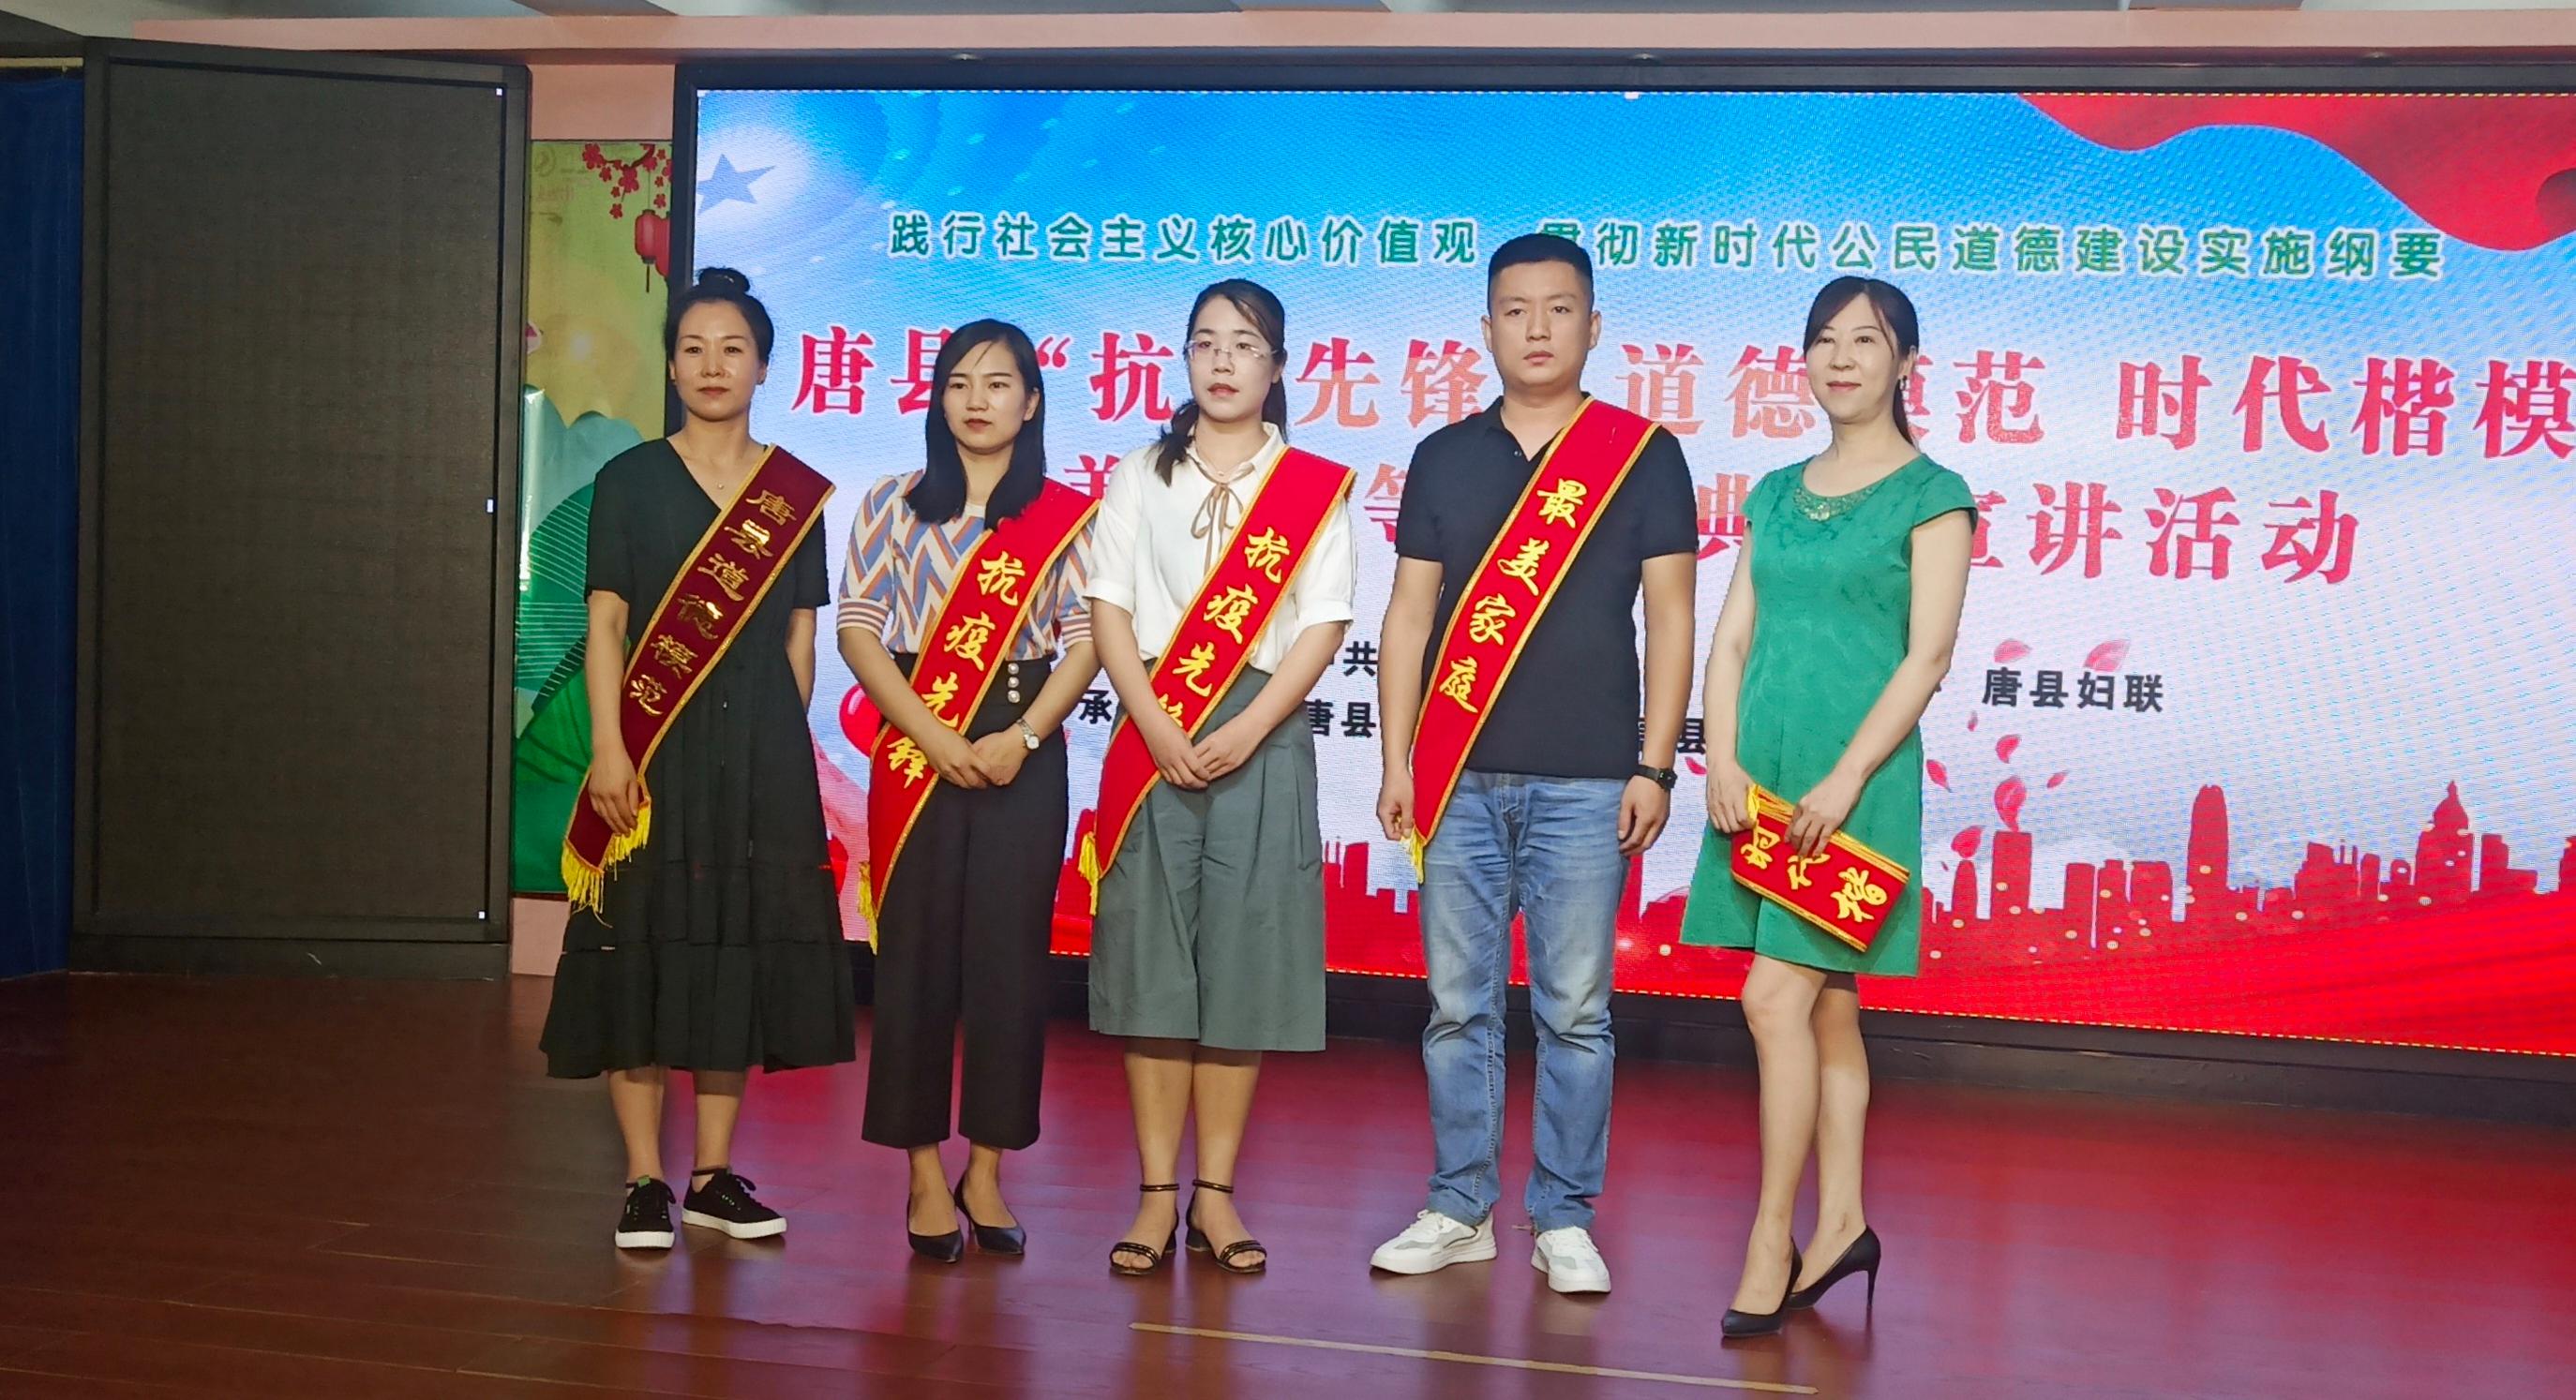 唐县举办抗疫先锋道德模范等典型事迹线上宣讲活动